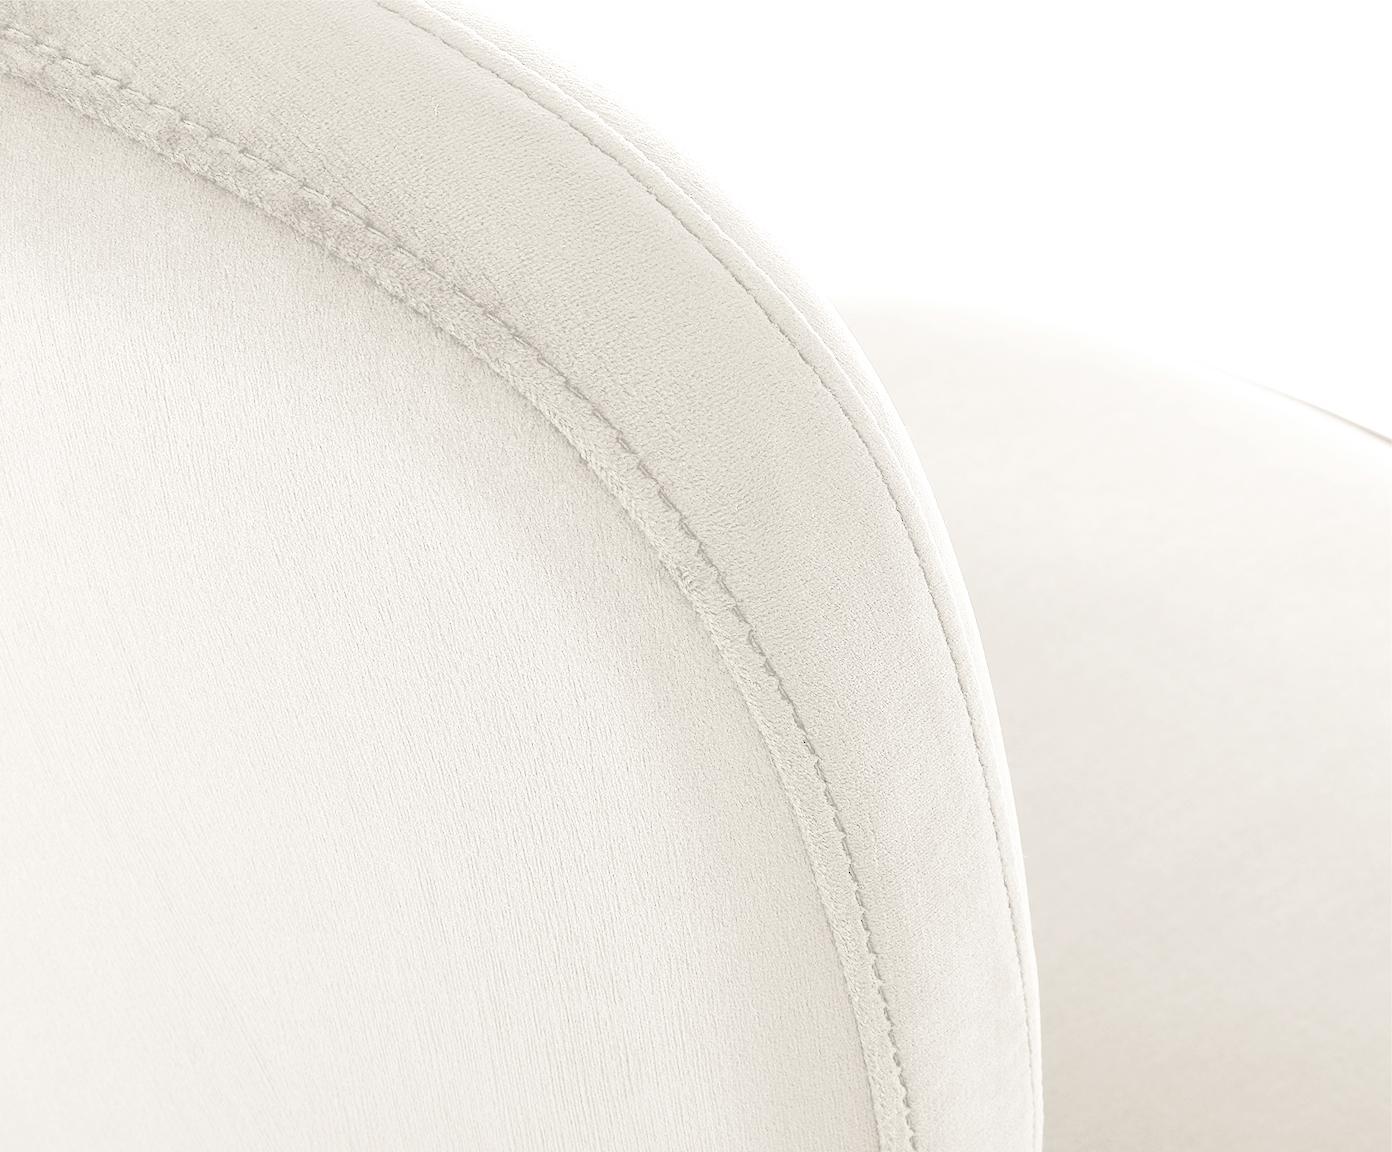 Krzesło tapicerowane z aksamitu Viggo, Tapicerka: aksamit (poliester) 50 00, Tapicerka: beżowy Nogi i stelaż: odcienie złotego, matowy, S 49 x G 66 cm